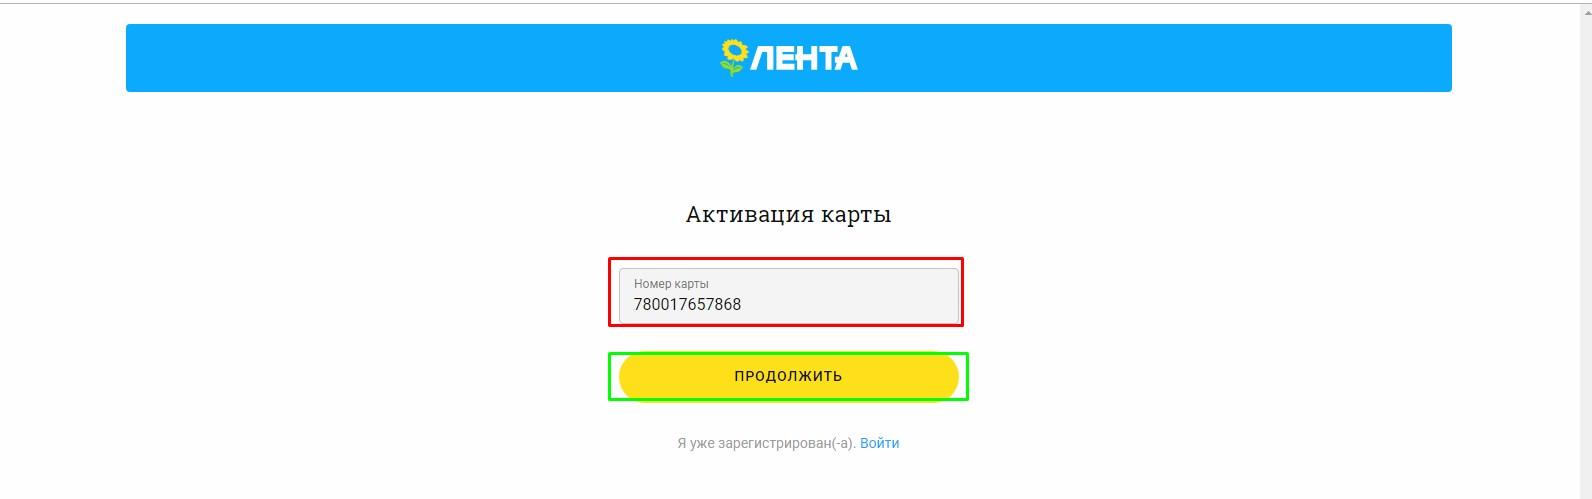 anketa.lenta.com регистрация карты онлайн